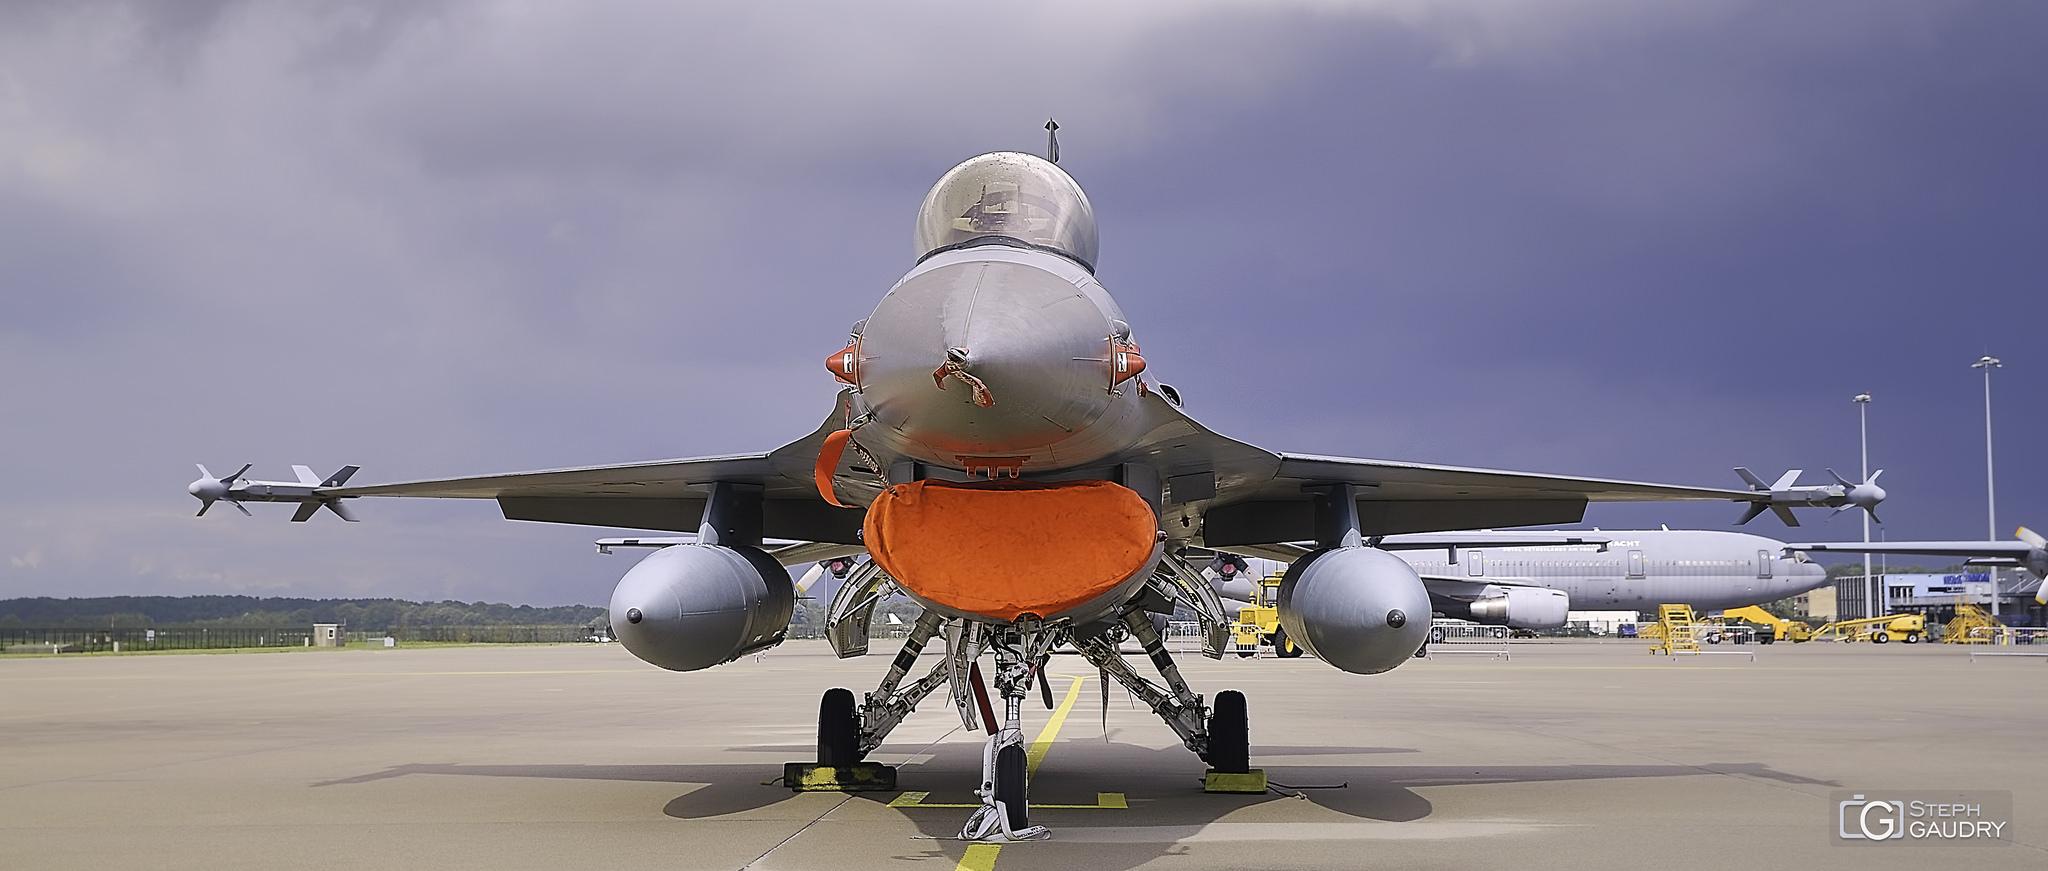 F-16 Fighting Falcon - vue de face [Cliquez pour lancer le diaporama]